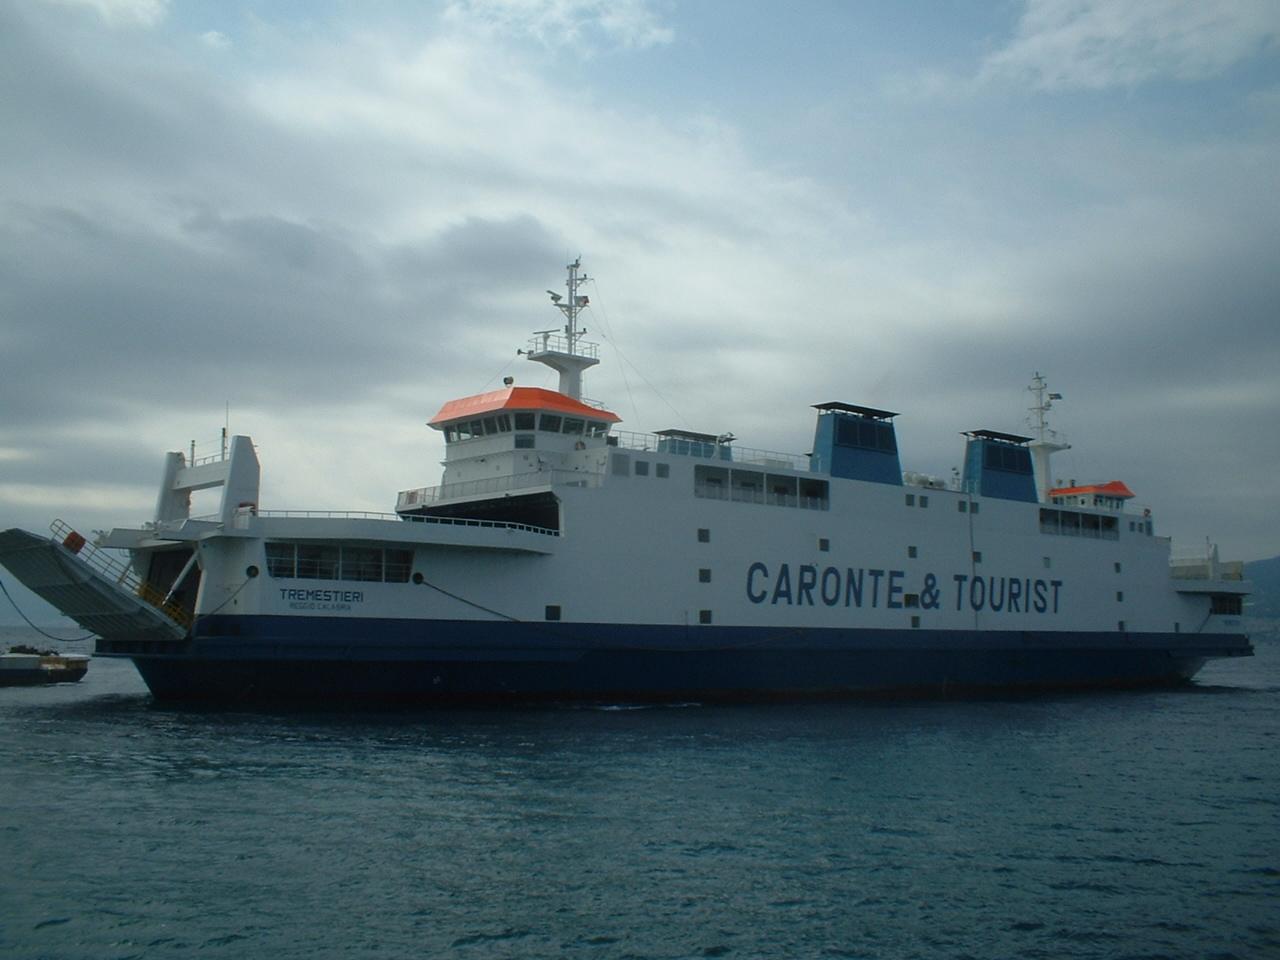 messina:-nave-di-caronte-&-tourist-bloccata-al-porto,-alcuni-membri-dell'equipaggio-risultati-positivi-al-covid-19